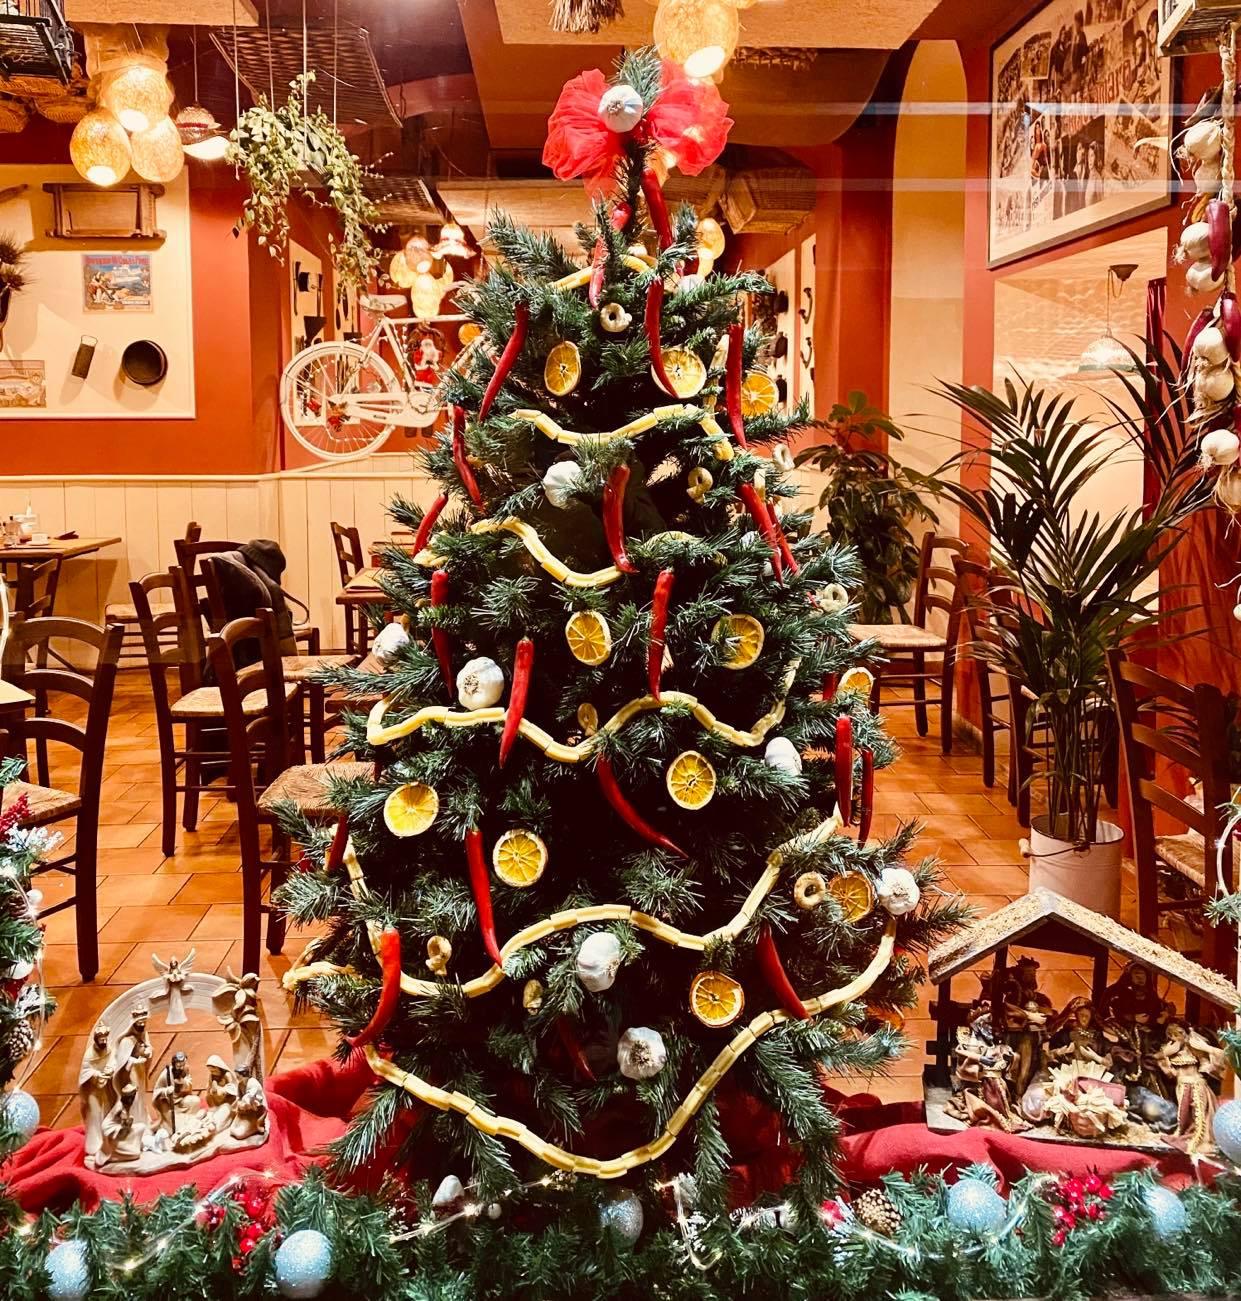 Buon Natale, nonostante tutto